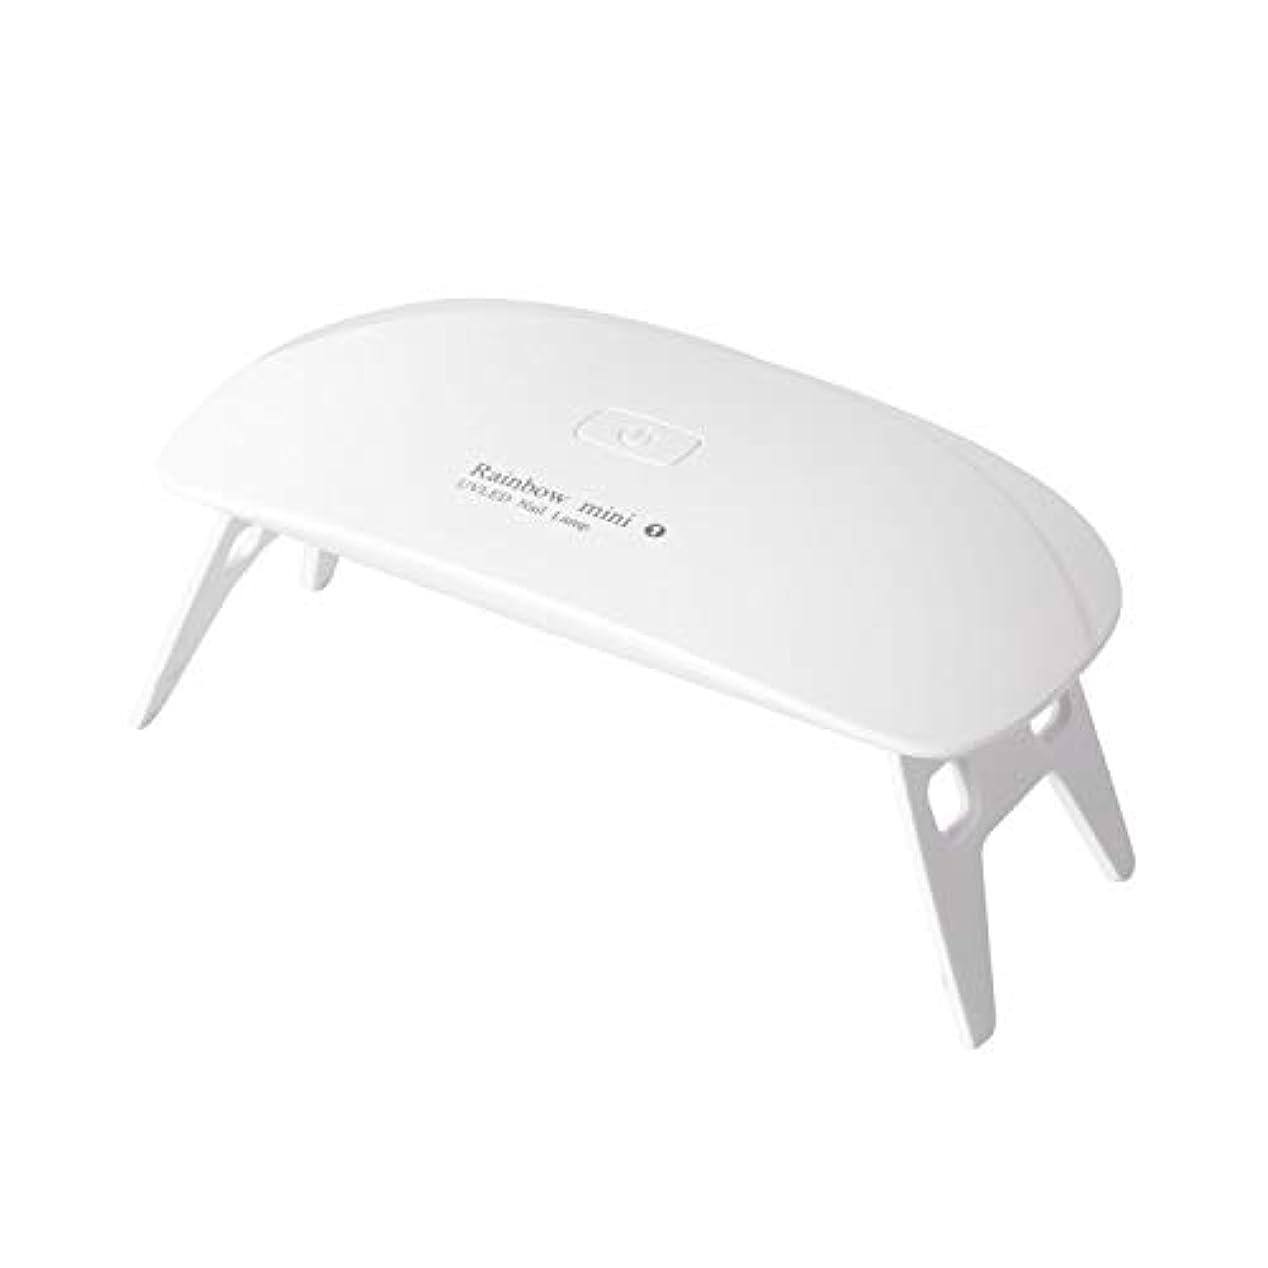 LEDネイルドライヤー AmoVee UVライト 硬化用UVライト タイマー設定可能 折りたたみ式 ジェルネイル用 ホワイト